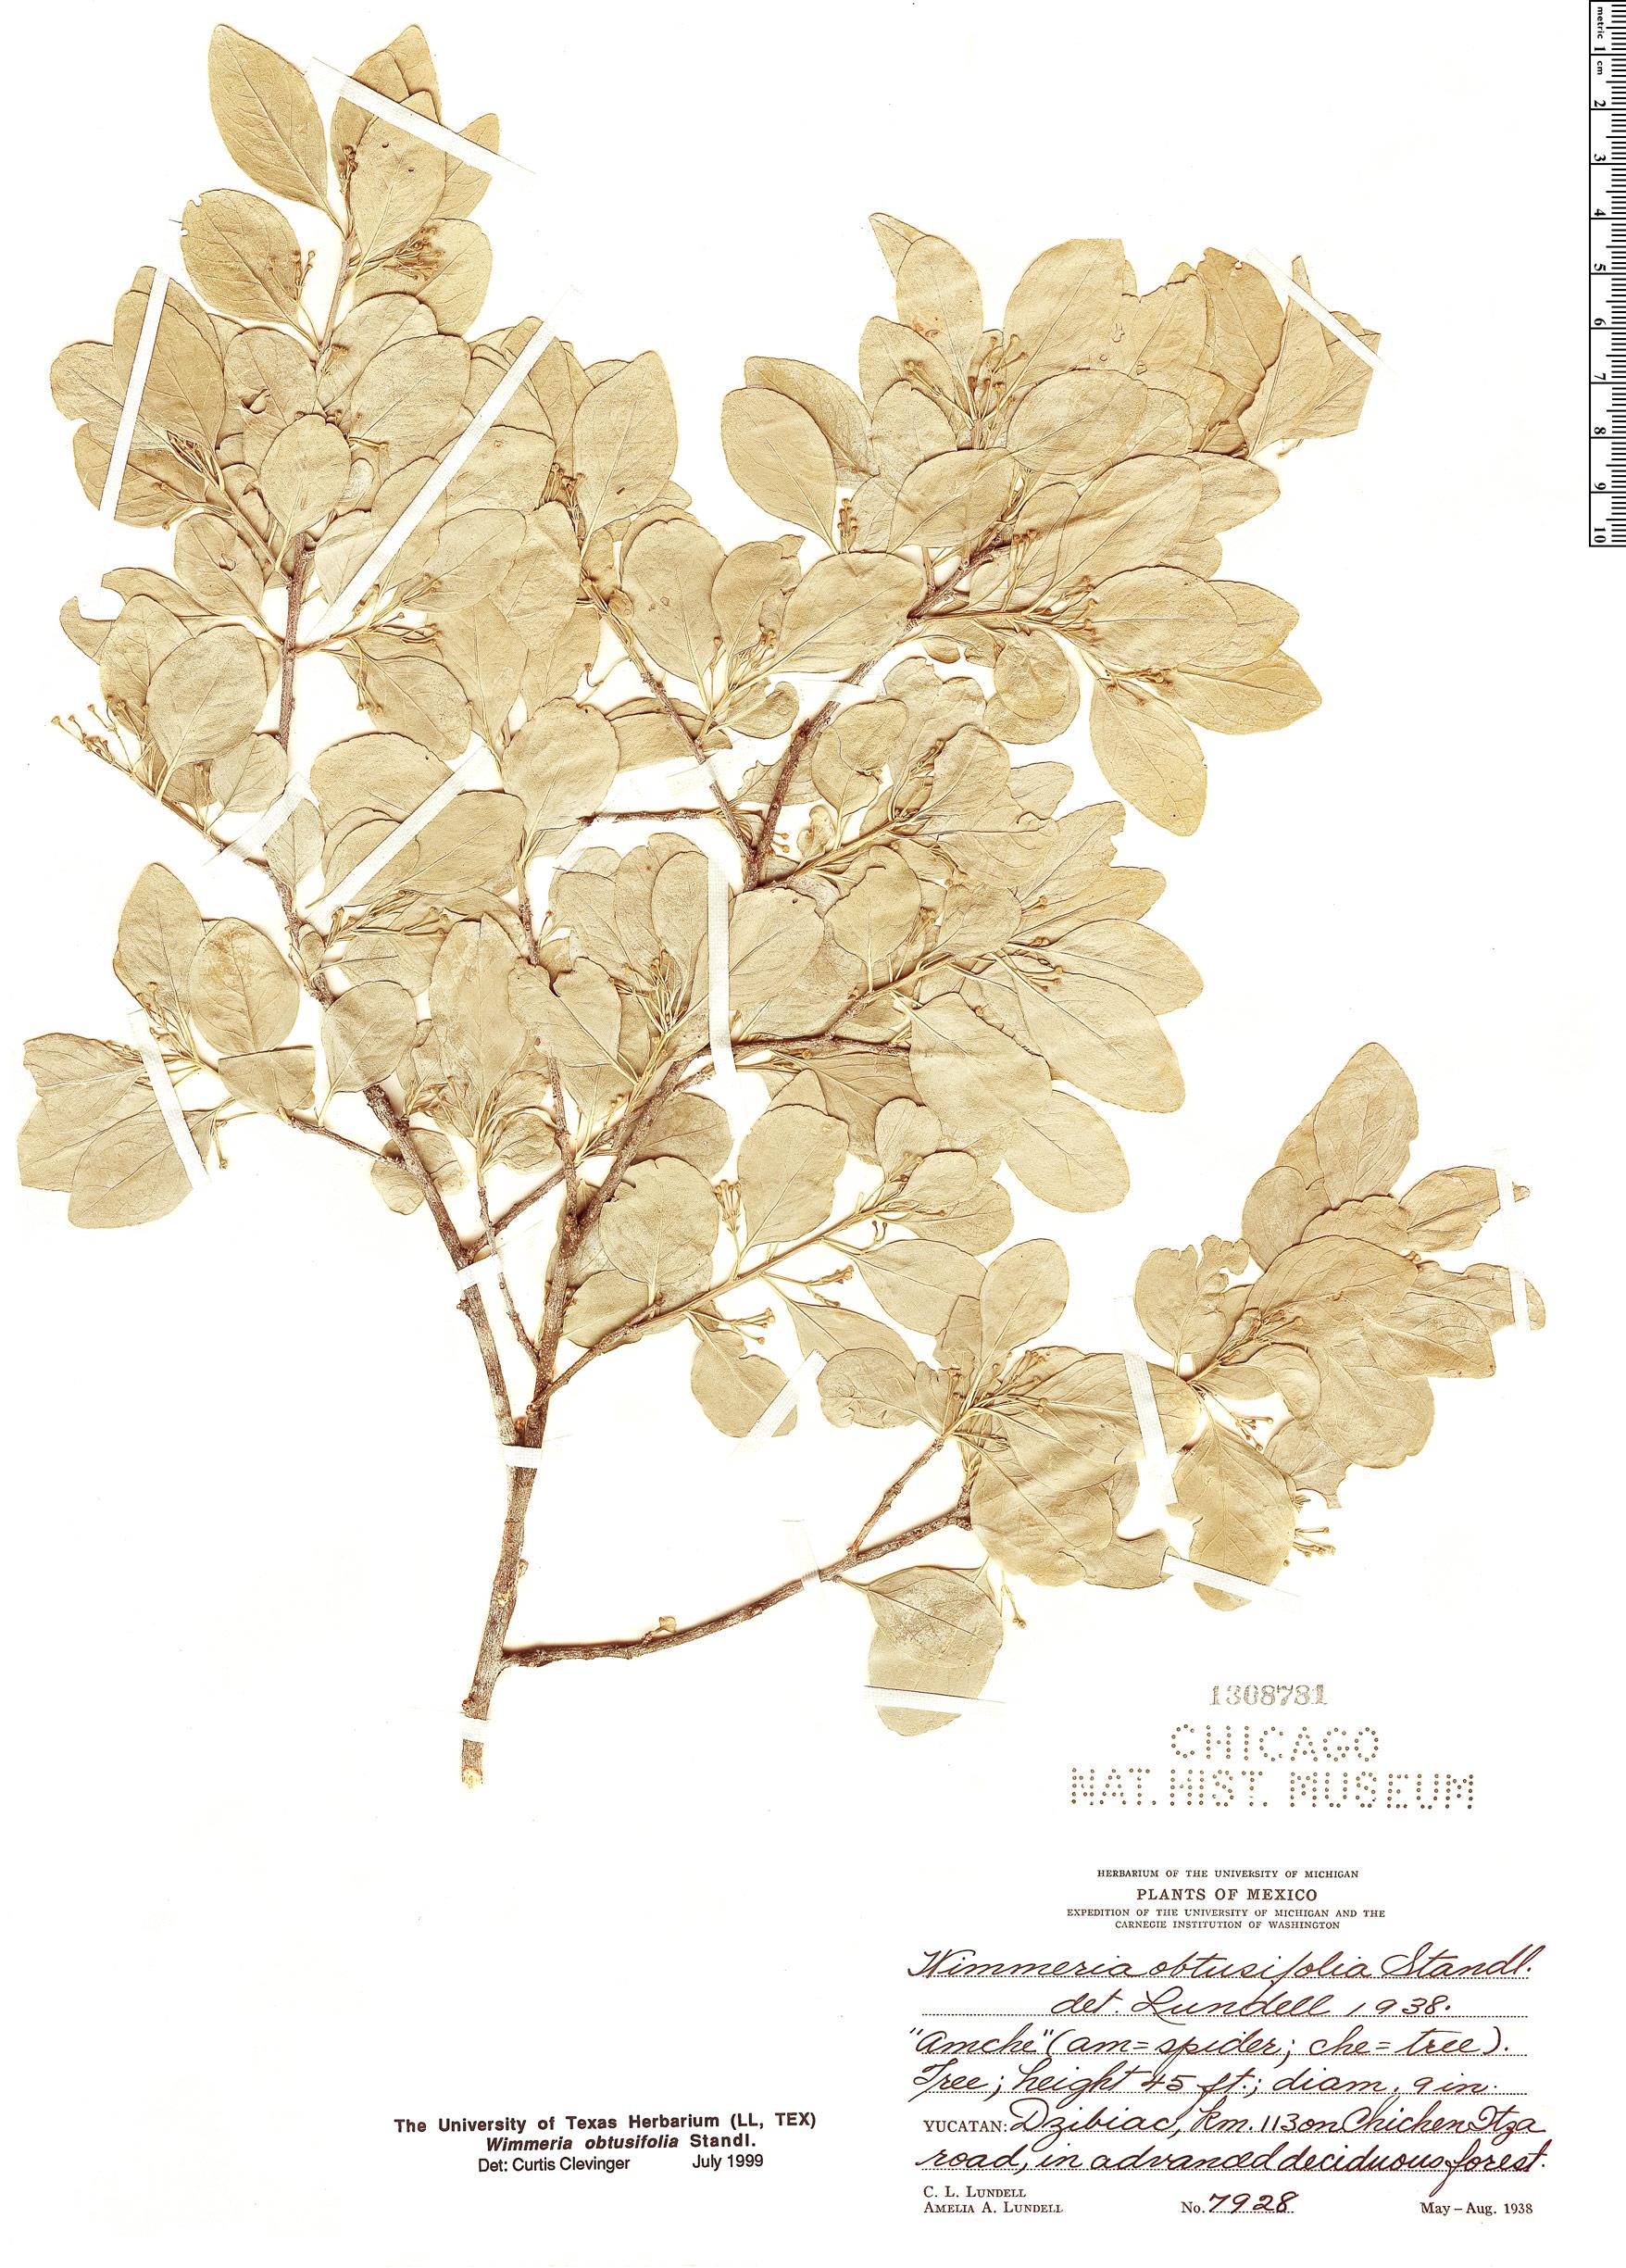 Specimen: Wimmeria obtusifolia